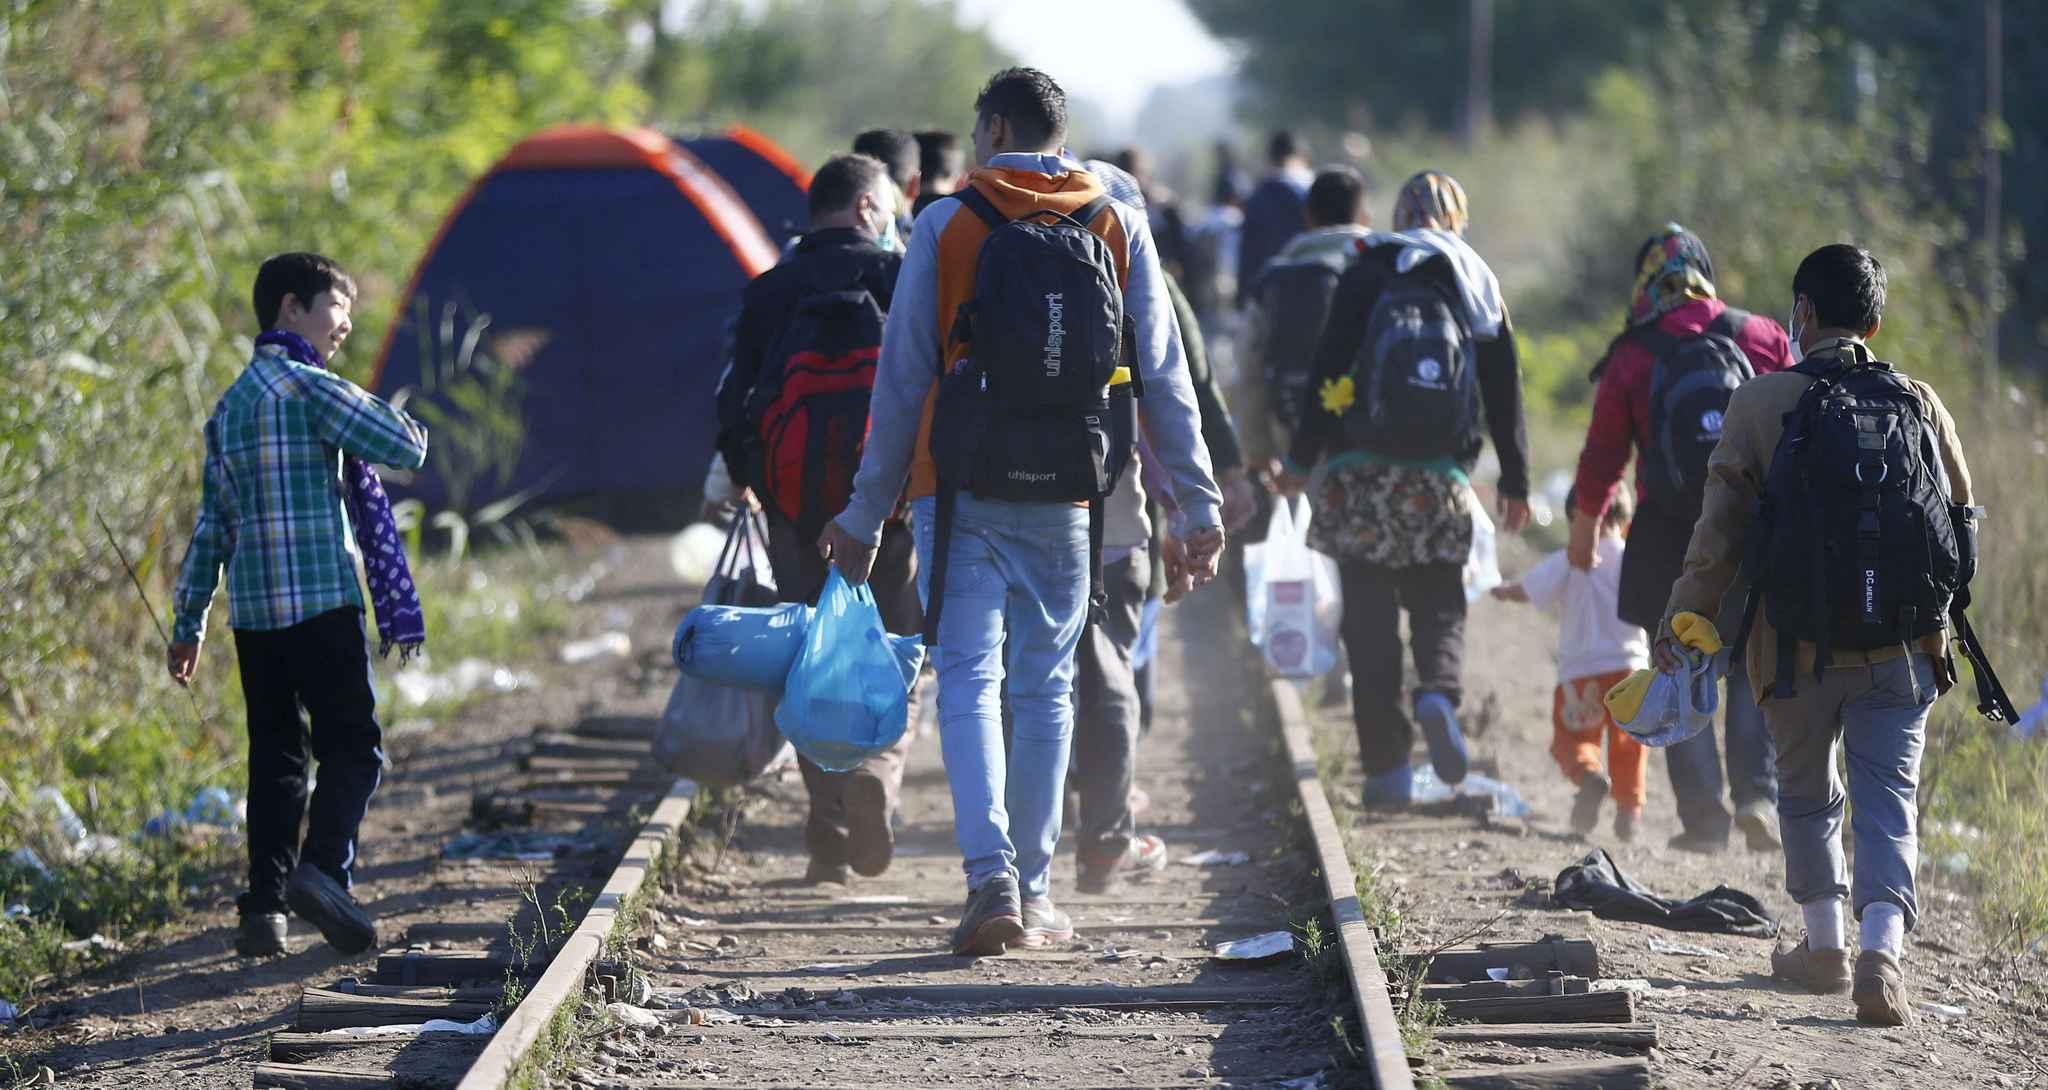 Réfugiés: 1% de l'humanité en situation de déplacement forcé